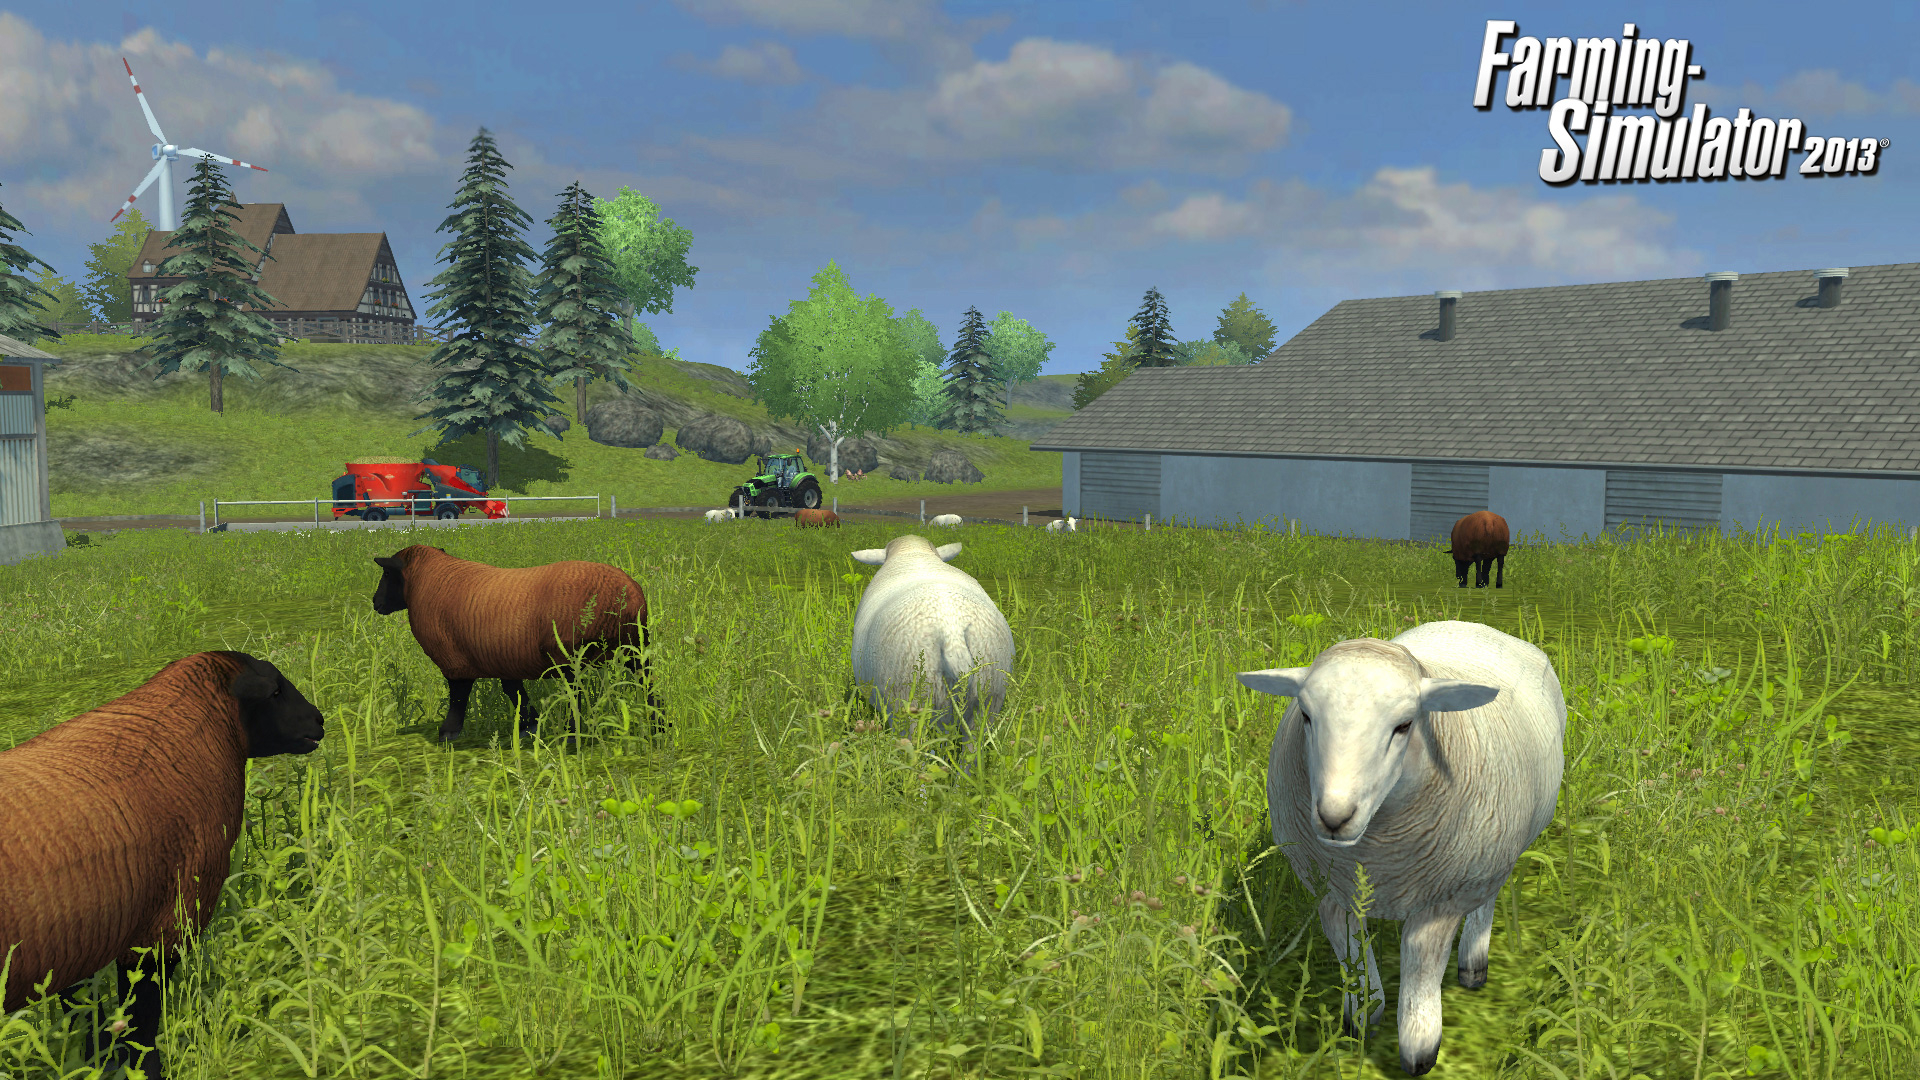 Farming Simulator 2013 video game wallpapers Wallpaper 6 of 21 1920x1080